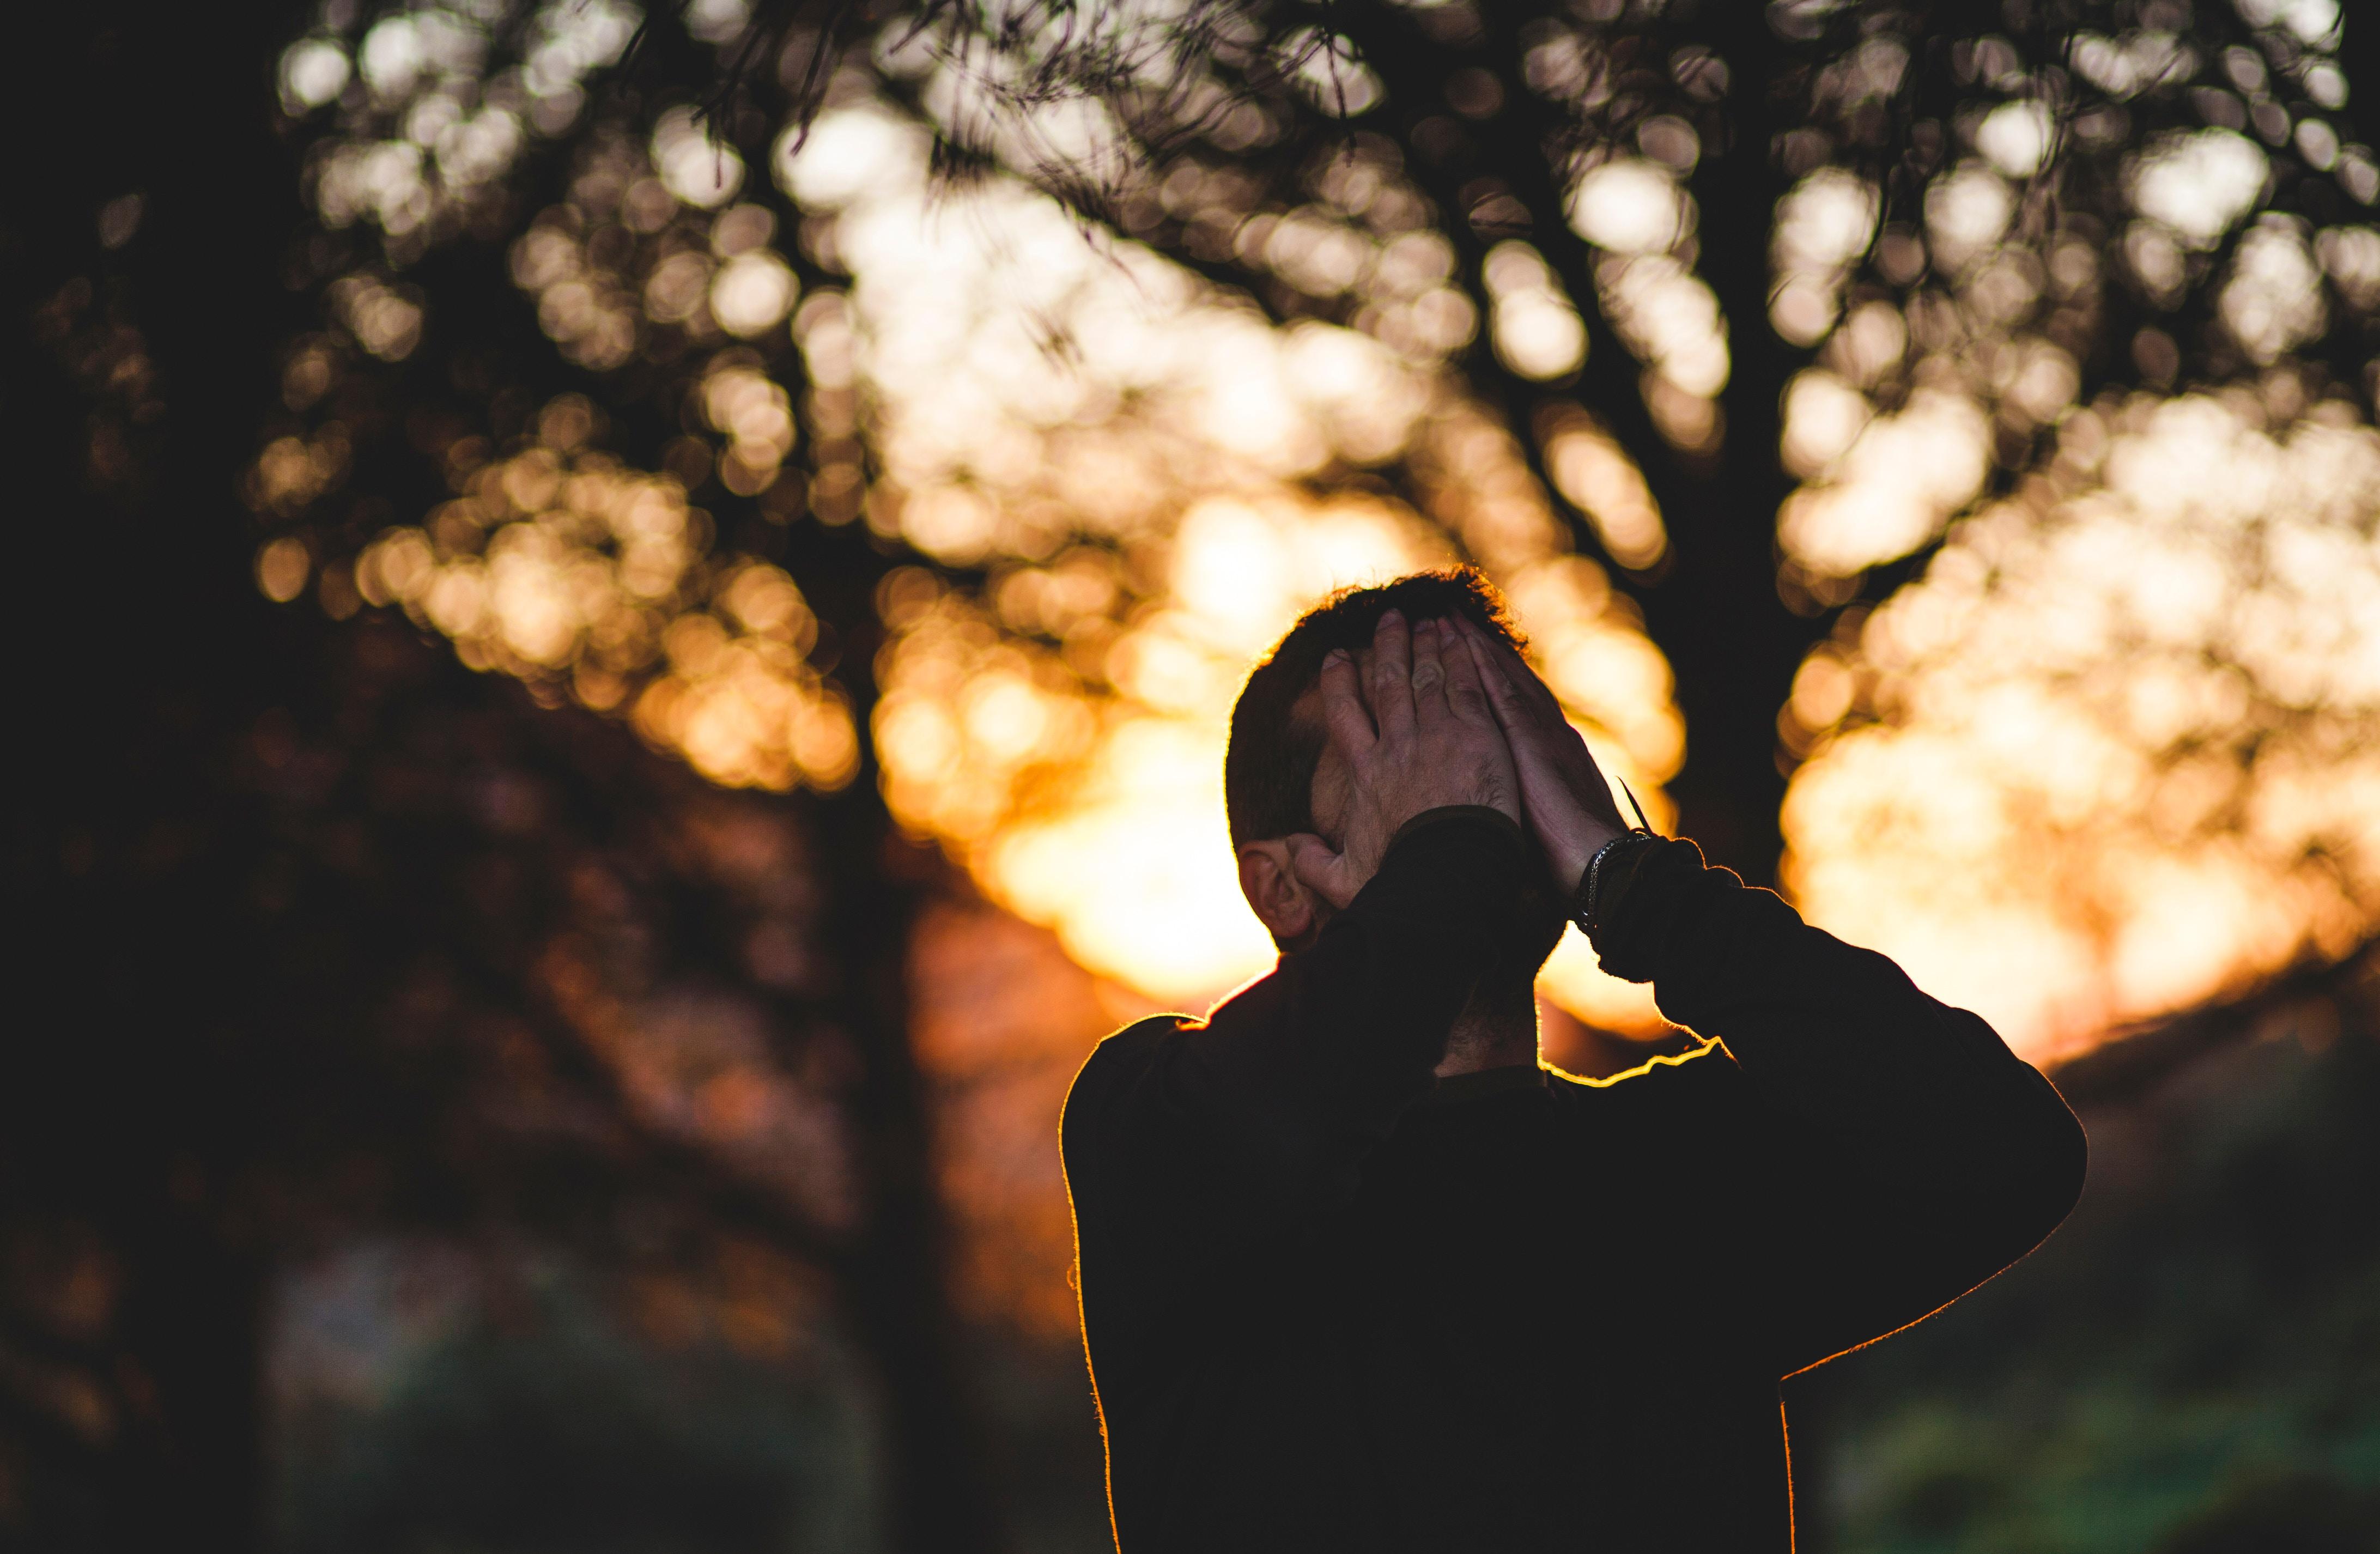 So samovražednými sklonmi sa častejšie pasujú muži ako ženy. Zdroj: unsplash.com